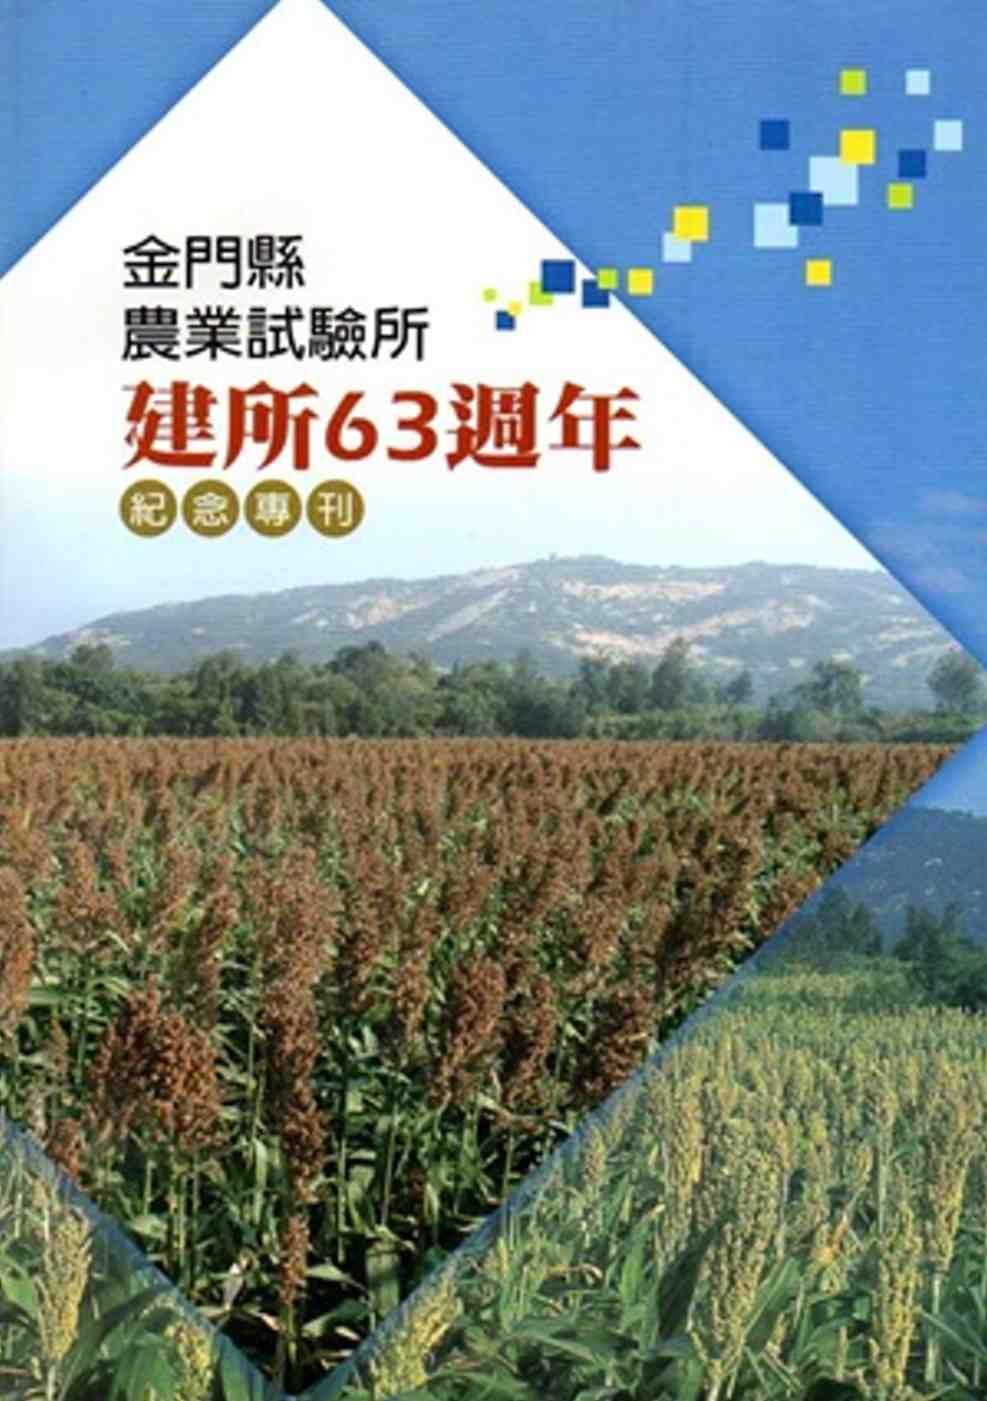 金門縣農業試驗所建所63週年紀念專刊